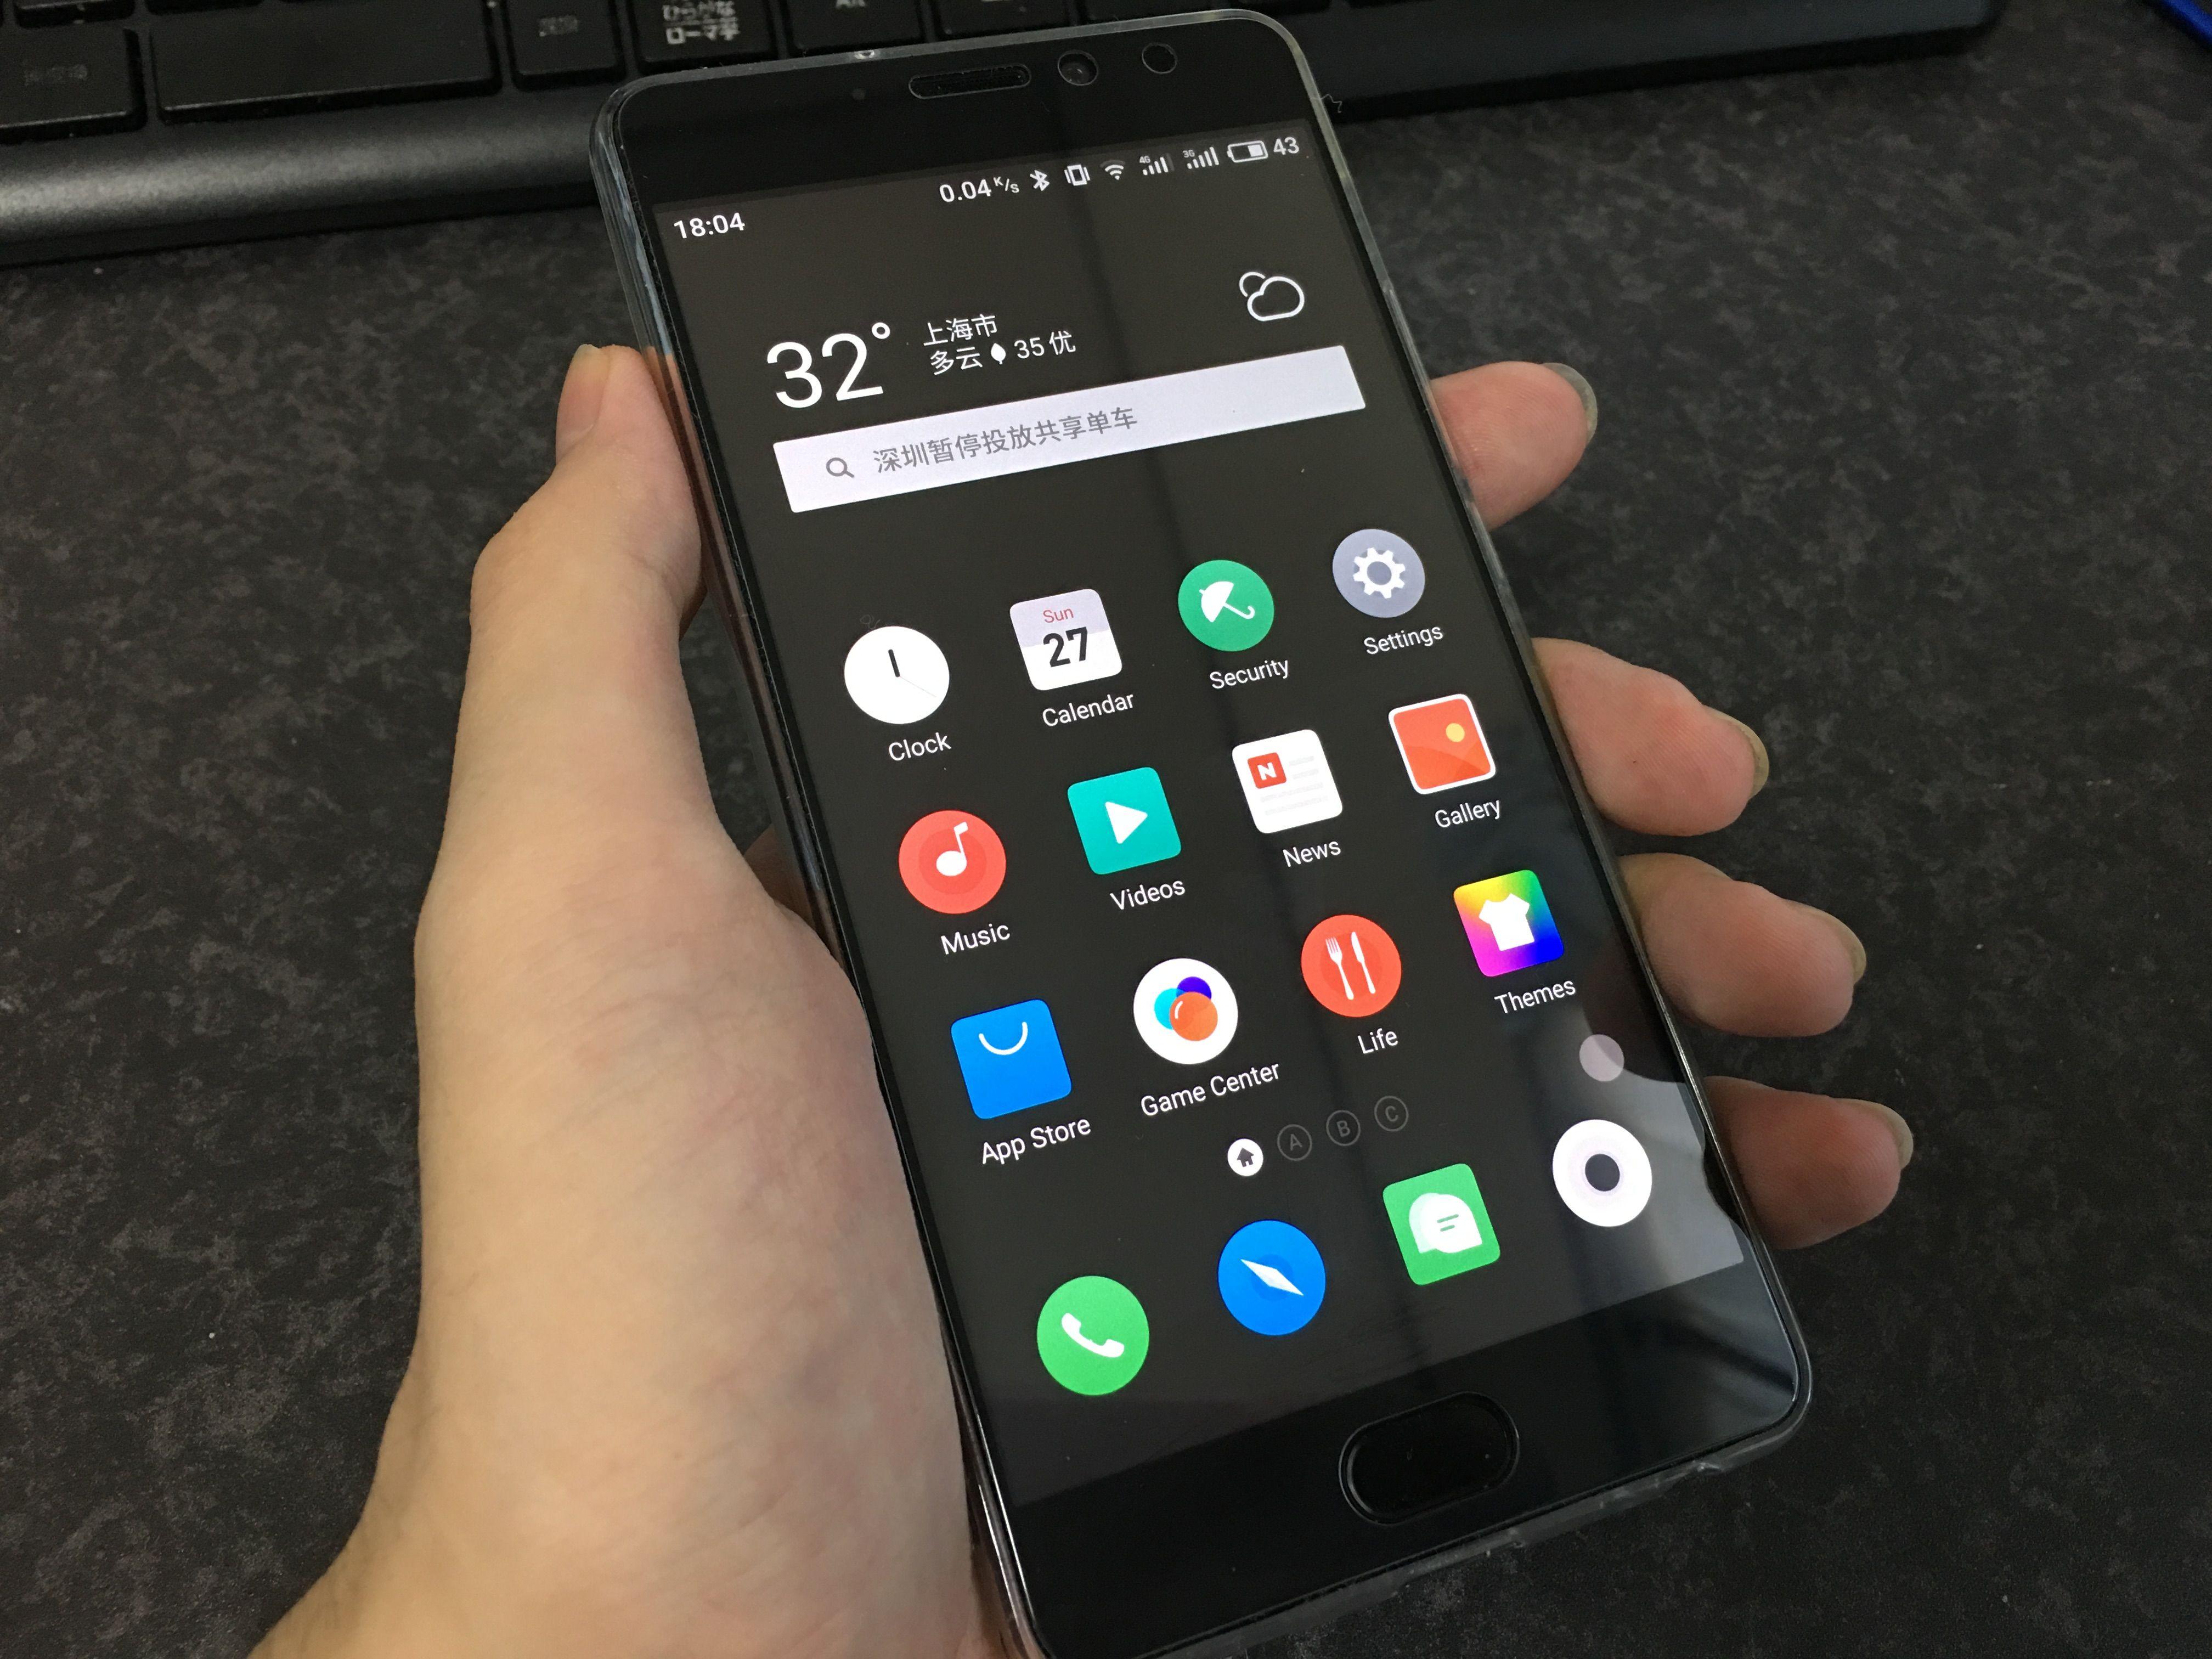 2017年もあと少し。Meizuは後何台発表する予定なのか2016年の傾向から考える